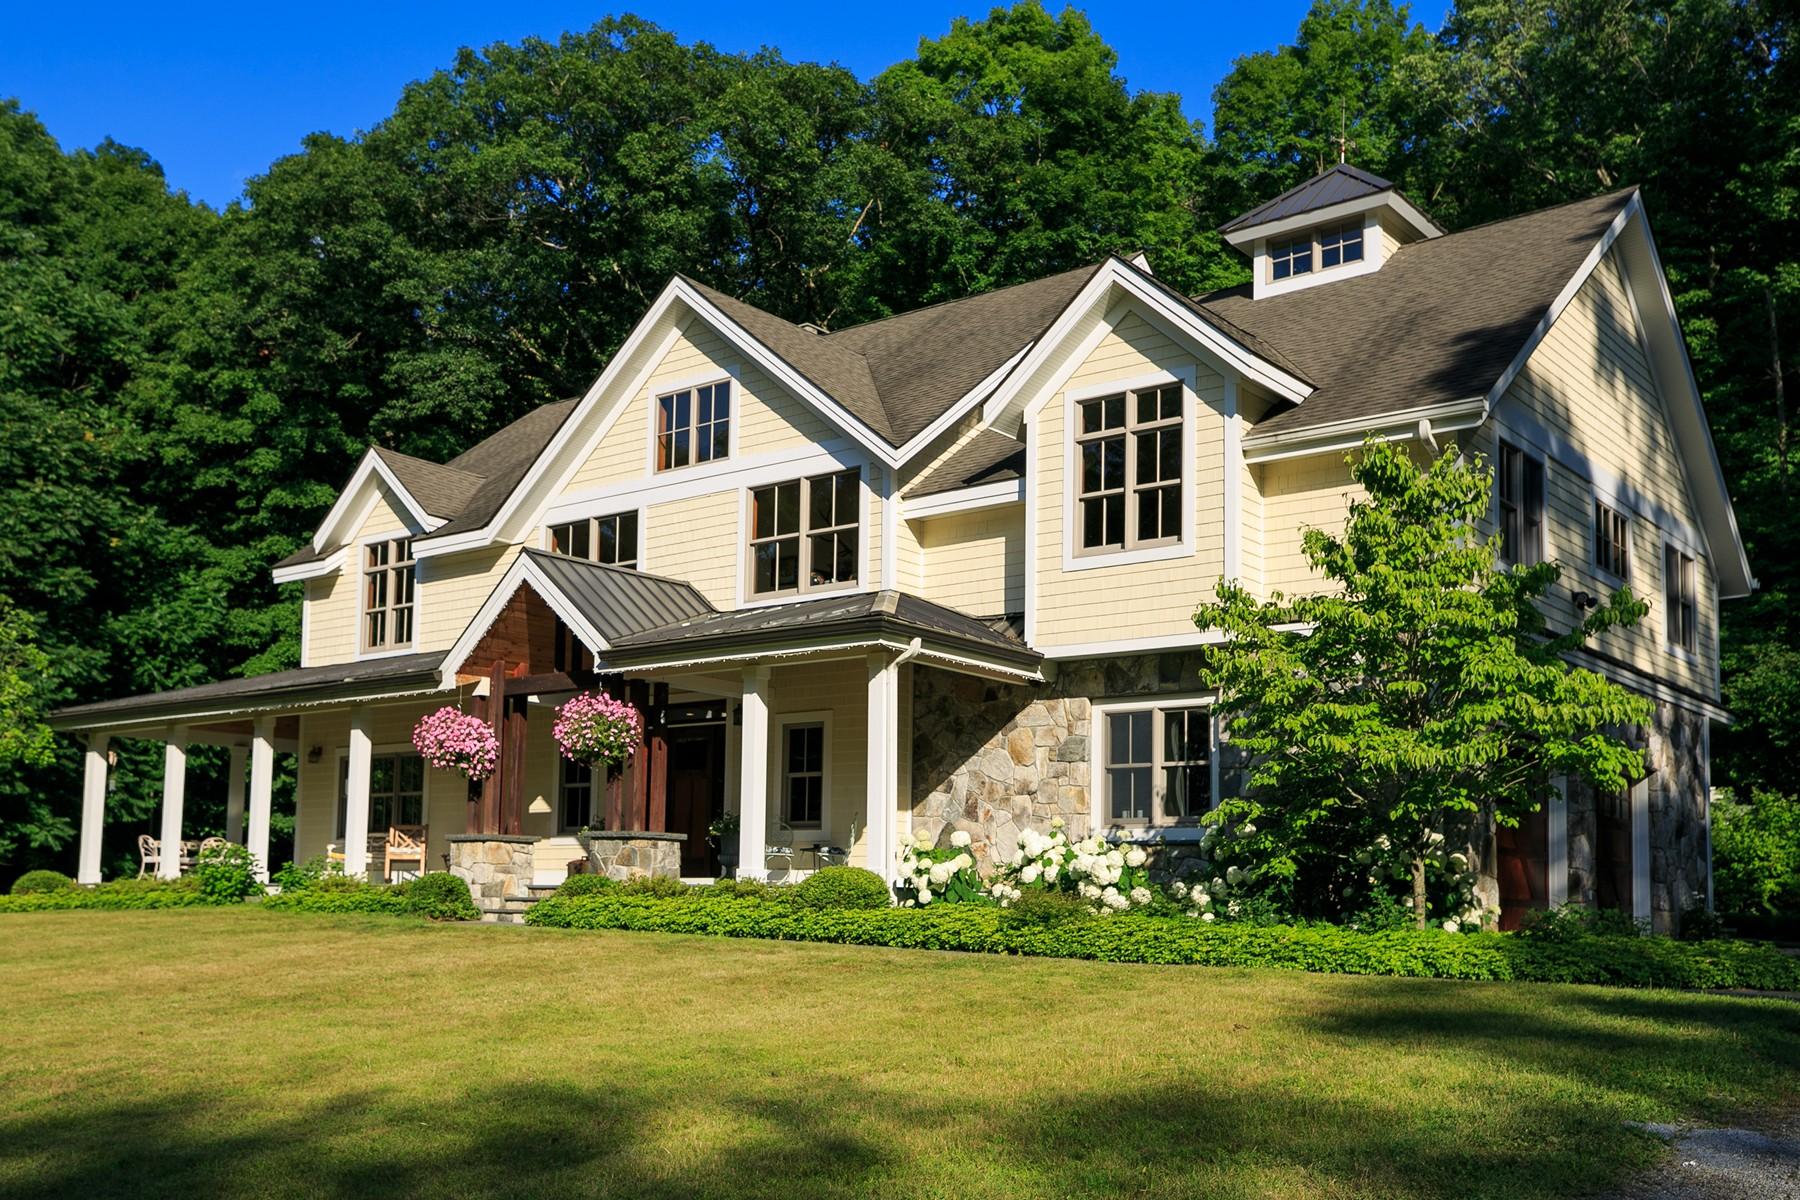 Частный односемейный дом для того Продажа на Farm to Table Living 115 Oscawana Heights Road Putnam Valley, Нью-Йорк 10579 Соединенные Штаты